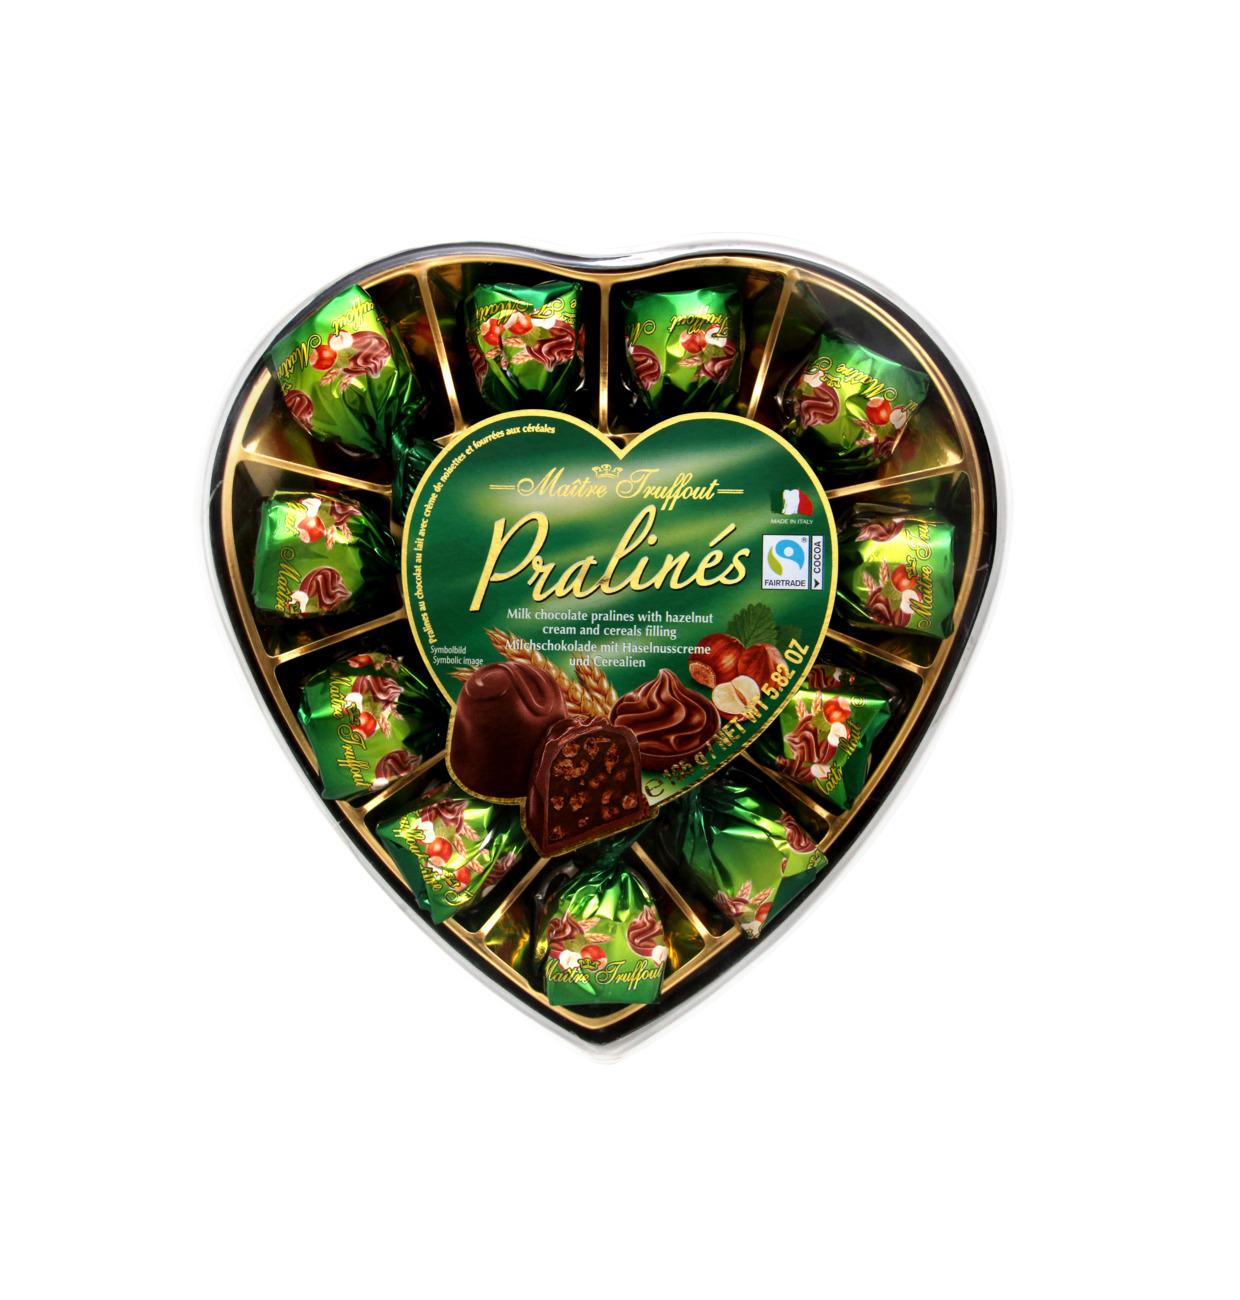 Pralinen Milchschokolade Haselnuss & Cerealien Herz